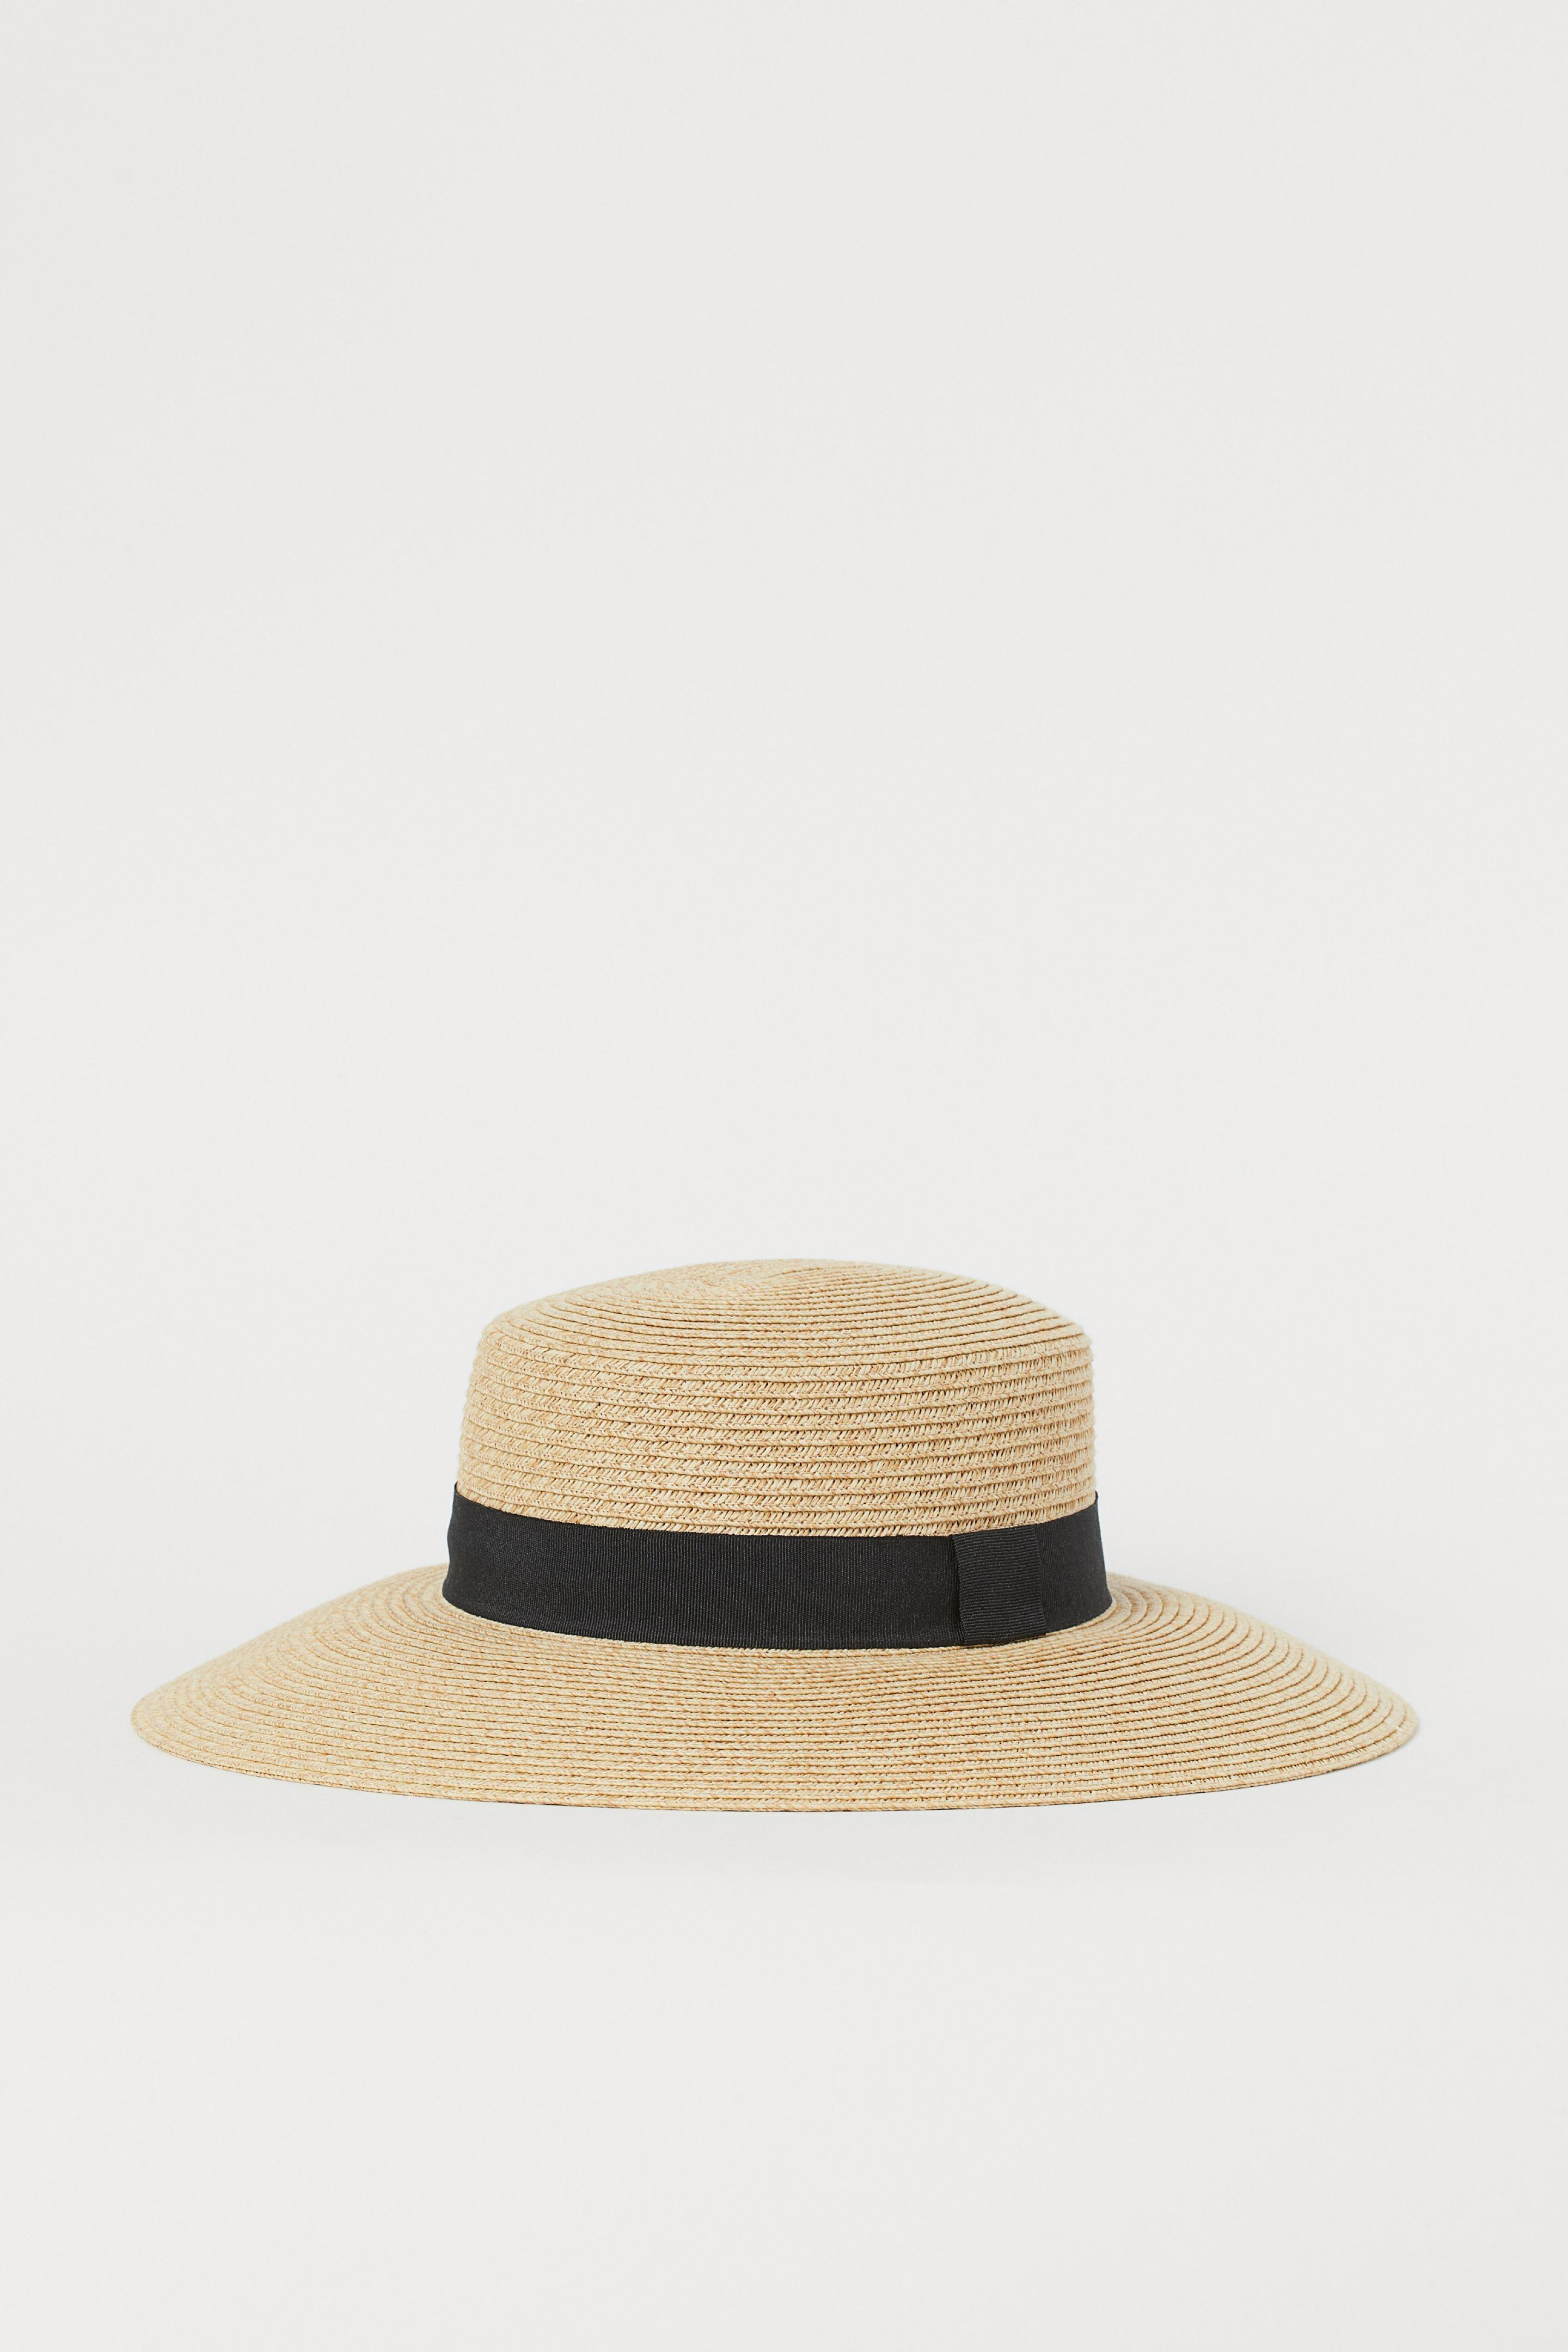 Mũ cói boater mùa Hè của H&M